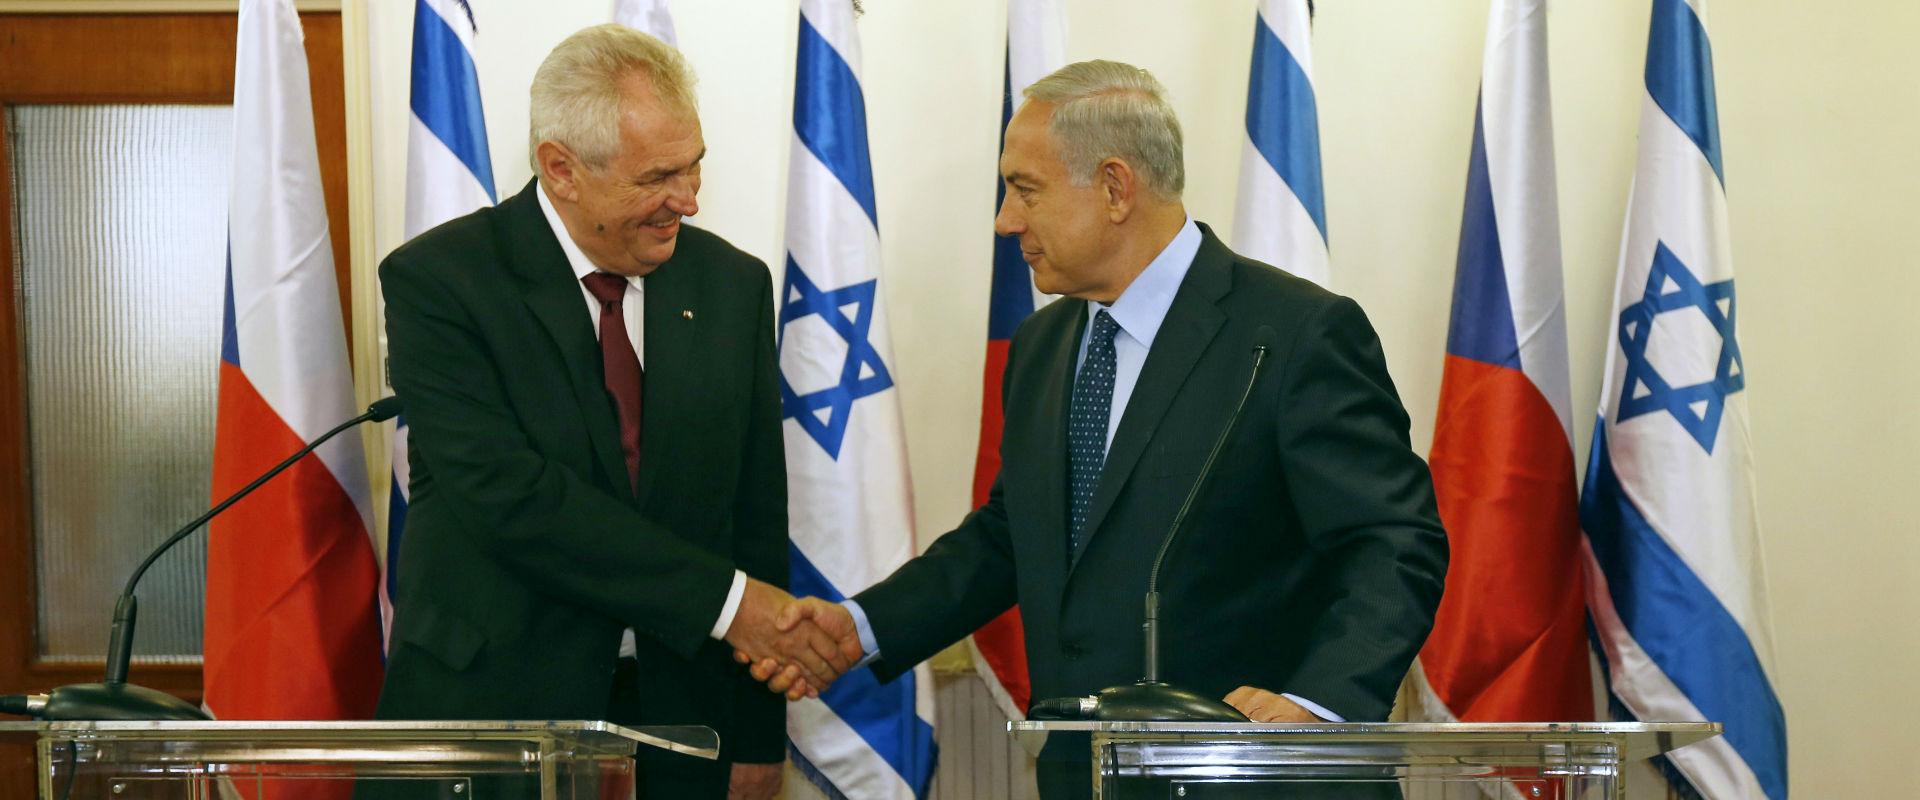 """נשיא צ'כיה, זמאן, בביקור בישראל, לצד רה""""מ נתניהו"""